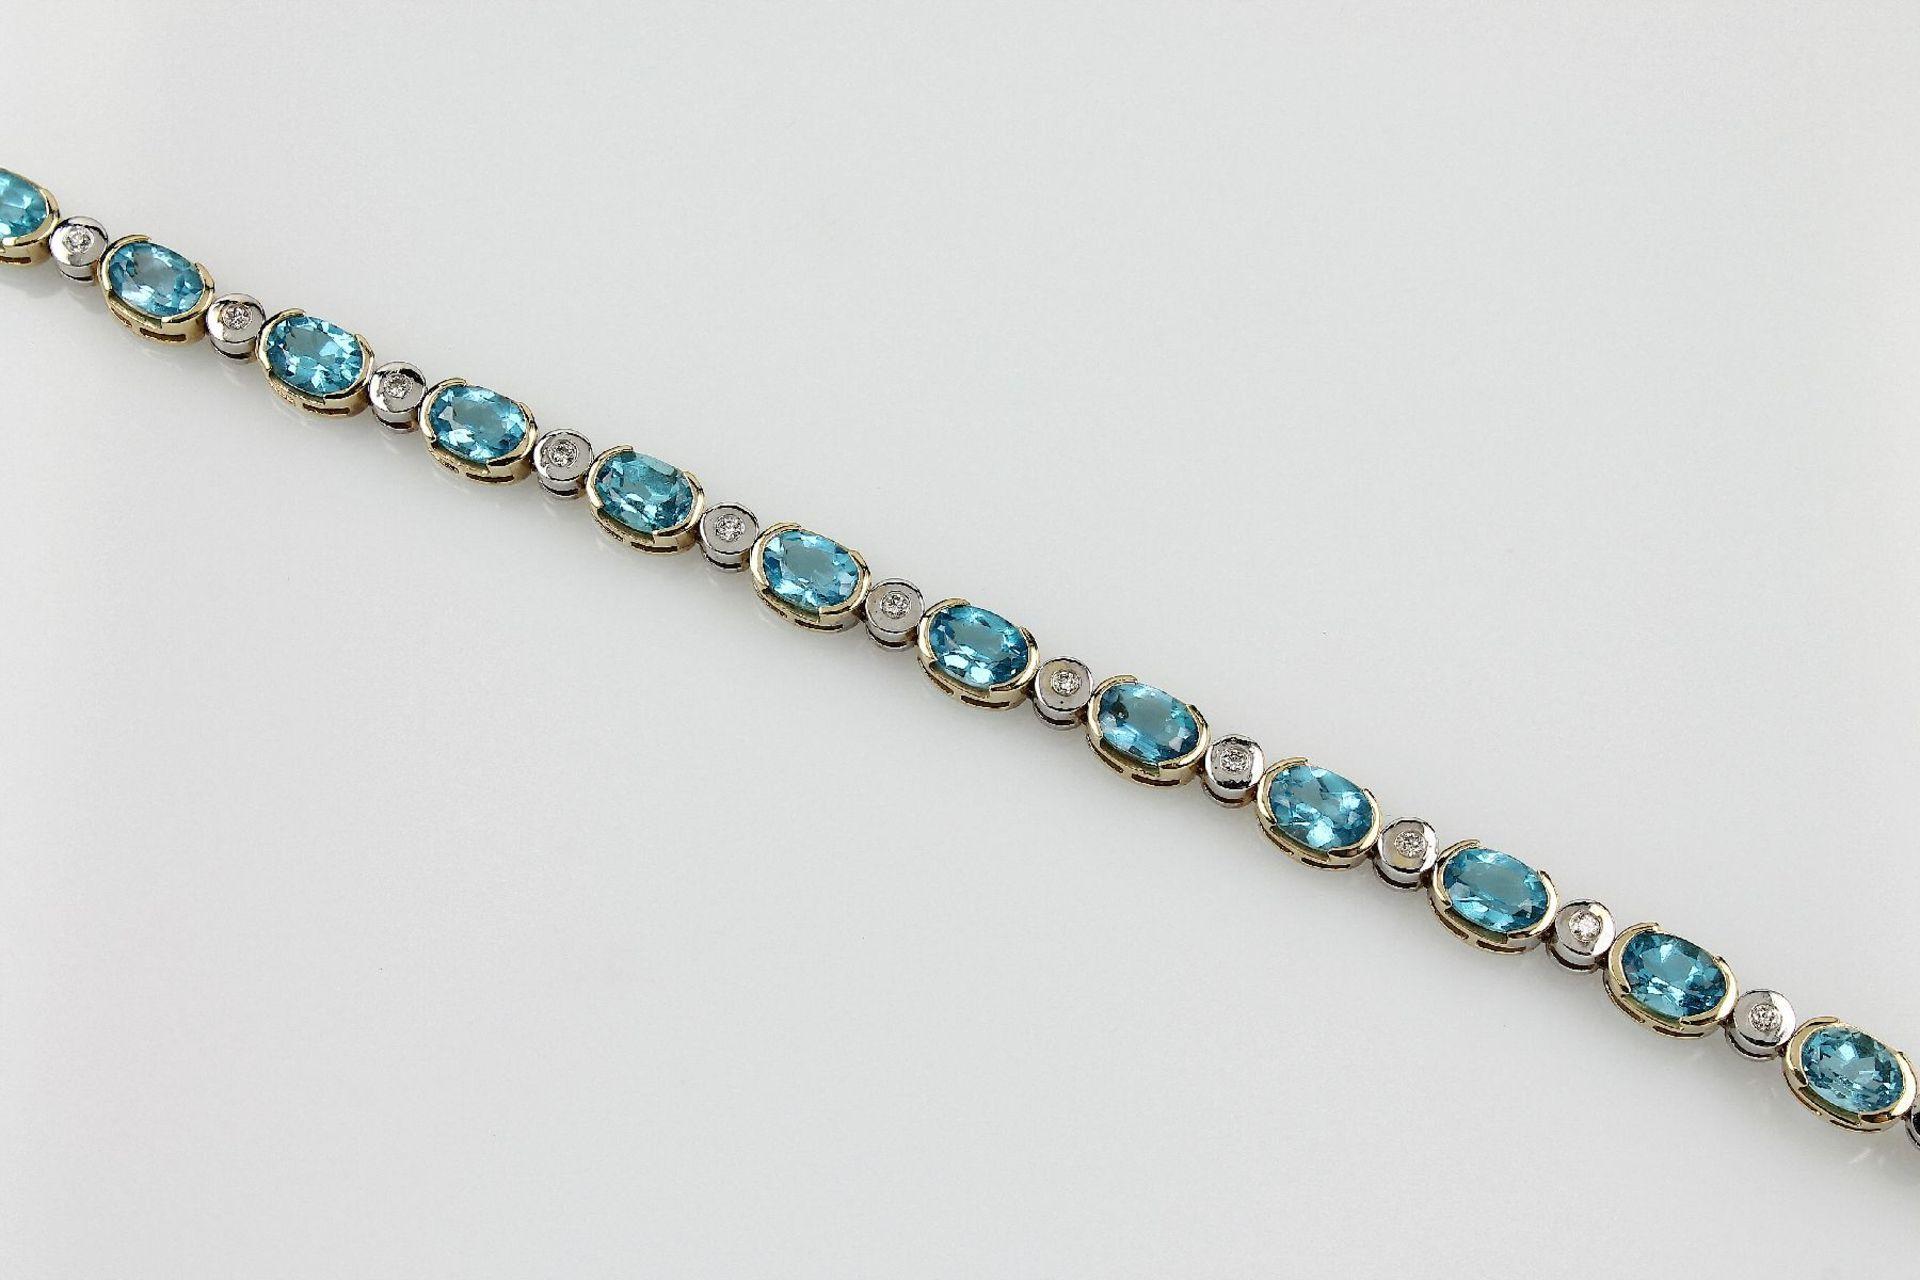 Los 31555 - 14 kt Gold Armband mit Blautopasen und Bril- lanten, GG/WG 585/000, ovalfacett. Topase (beh.) zus.